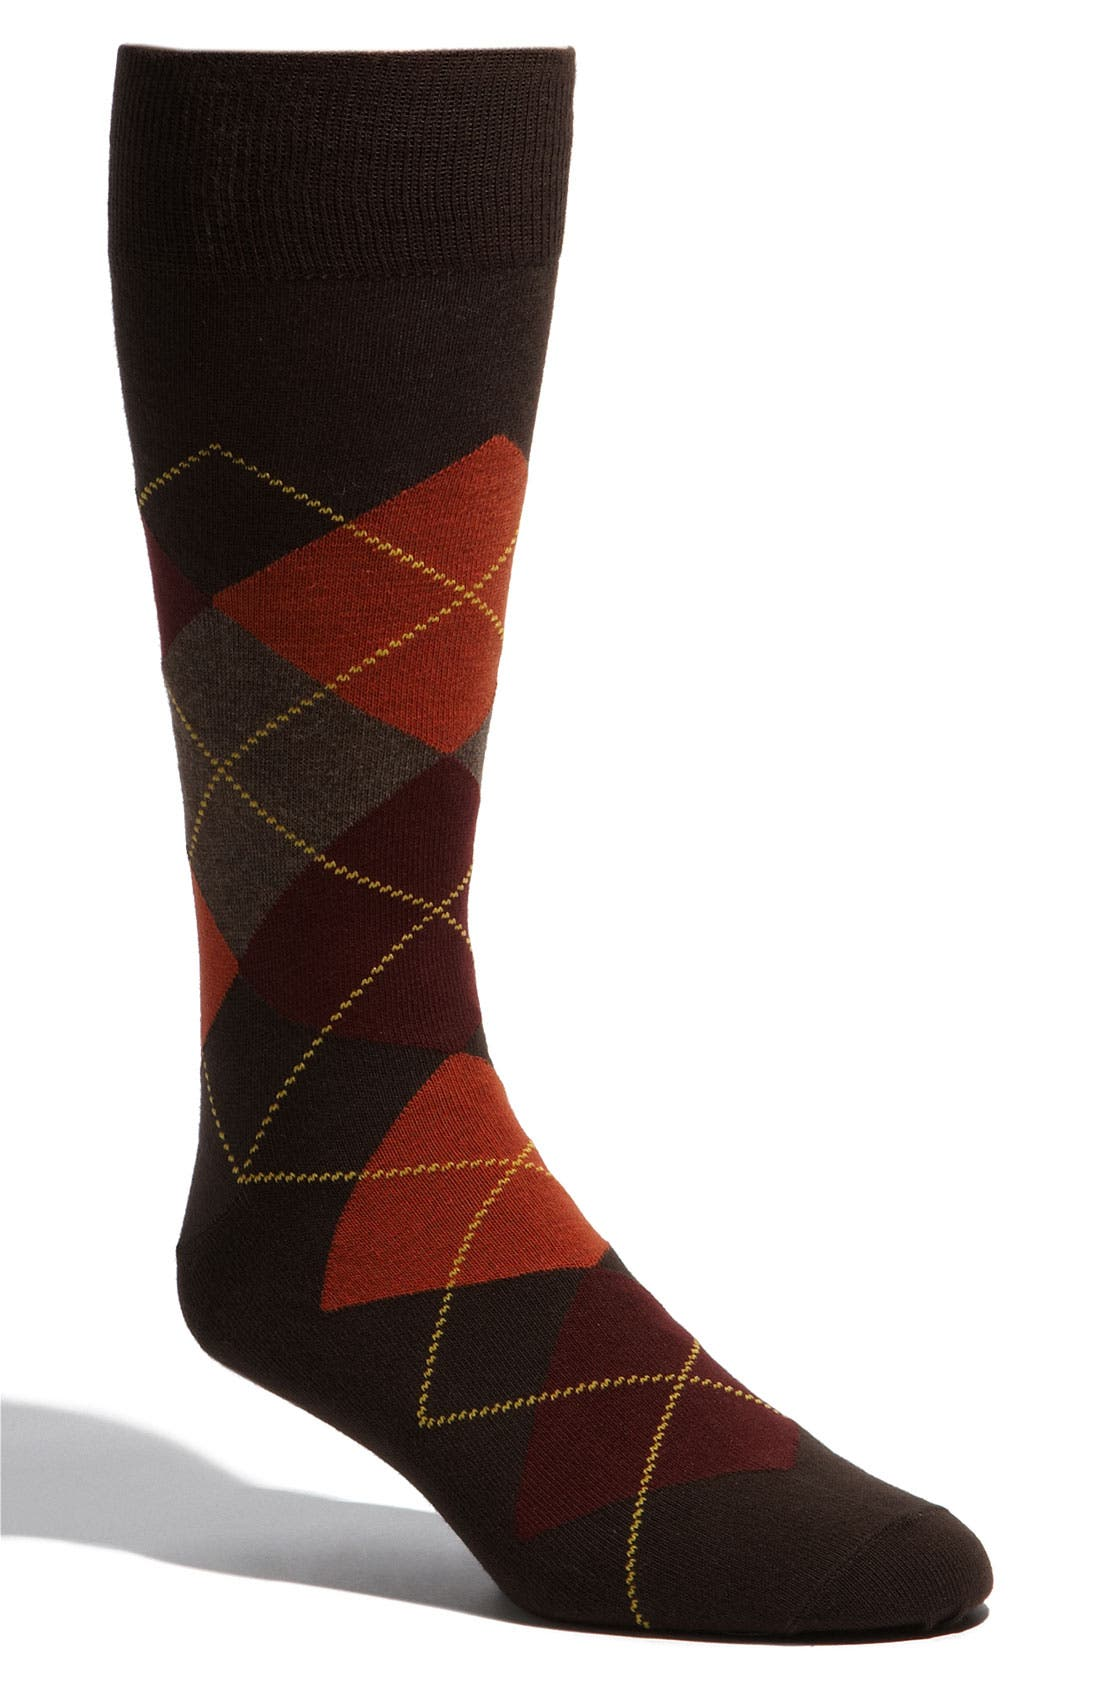 Main Image - Lorenzo Uomo 'Rugby Argyle' Socks (3 for $27)